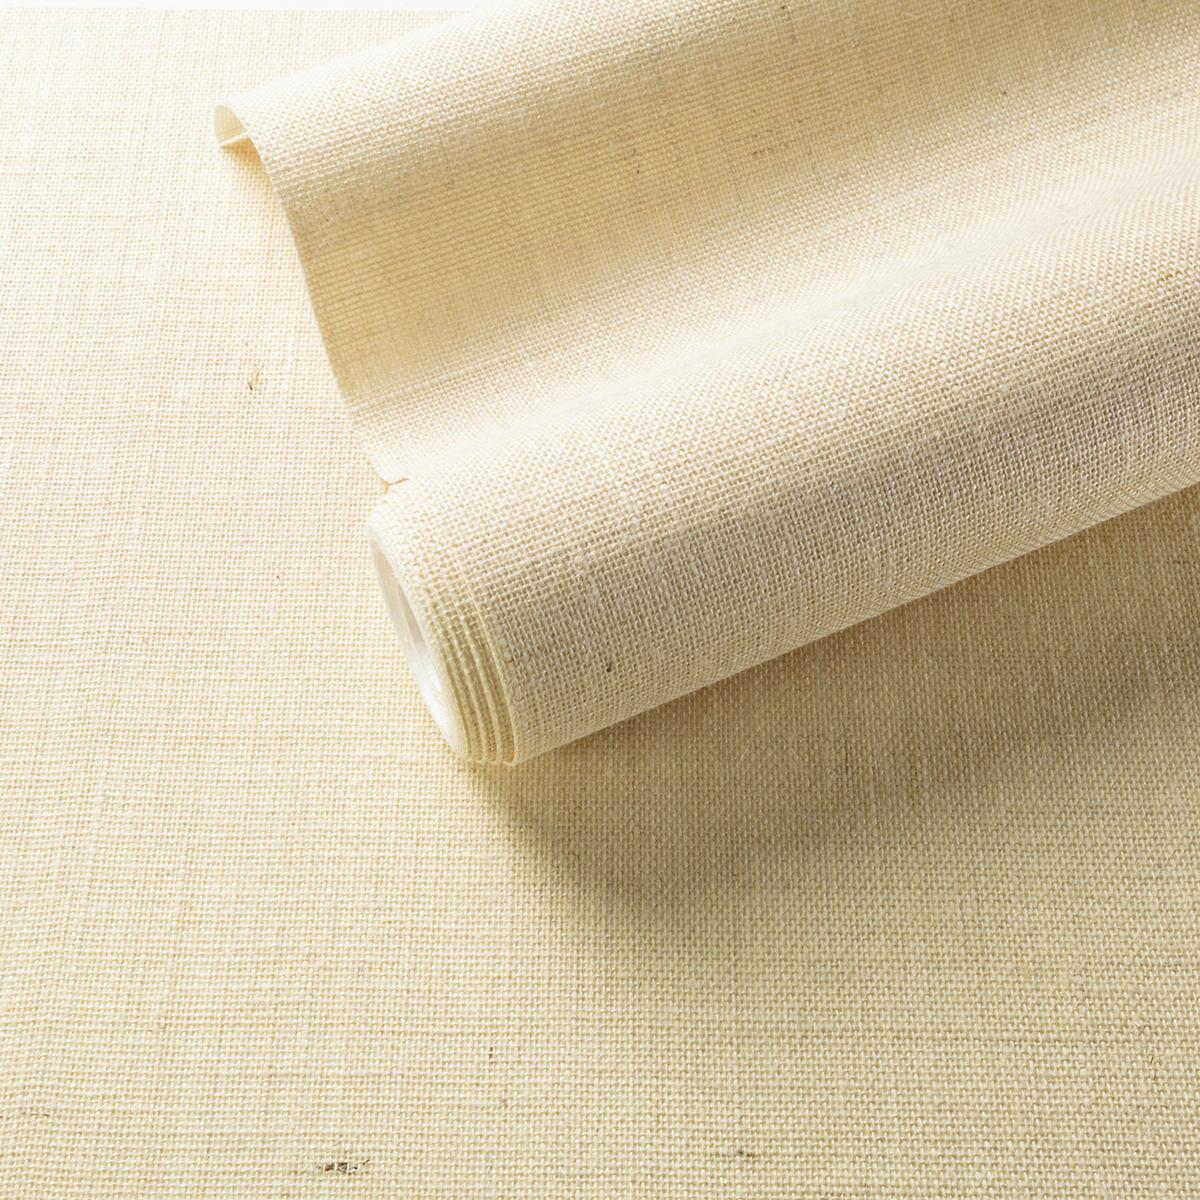 Bali Linen Grasscloth Wallpaper